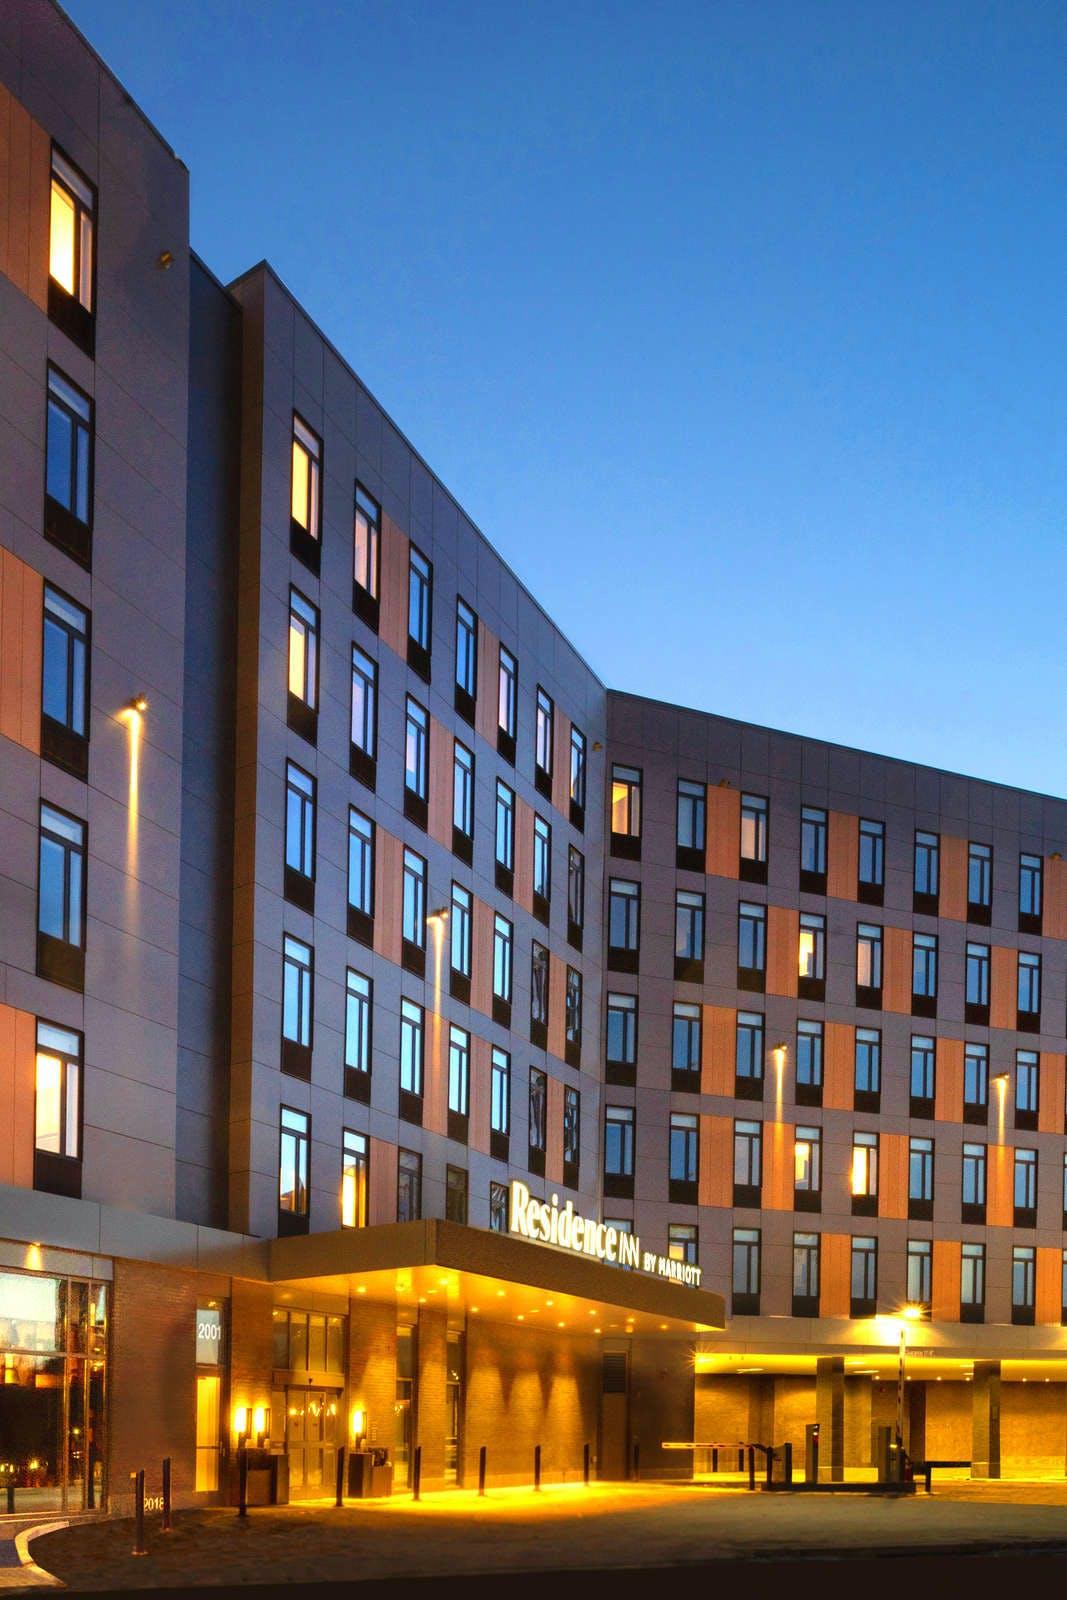 Residence Inn Boston Downtown South End